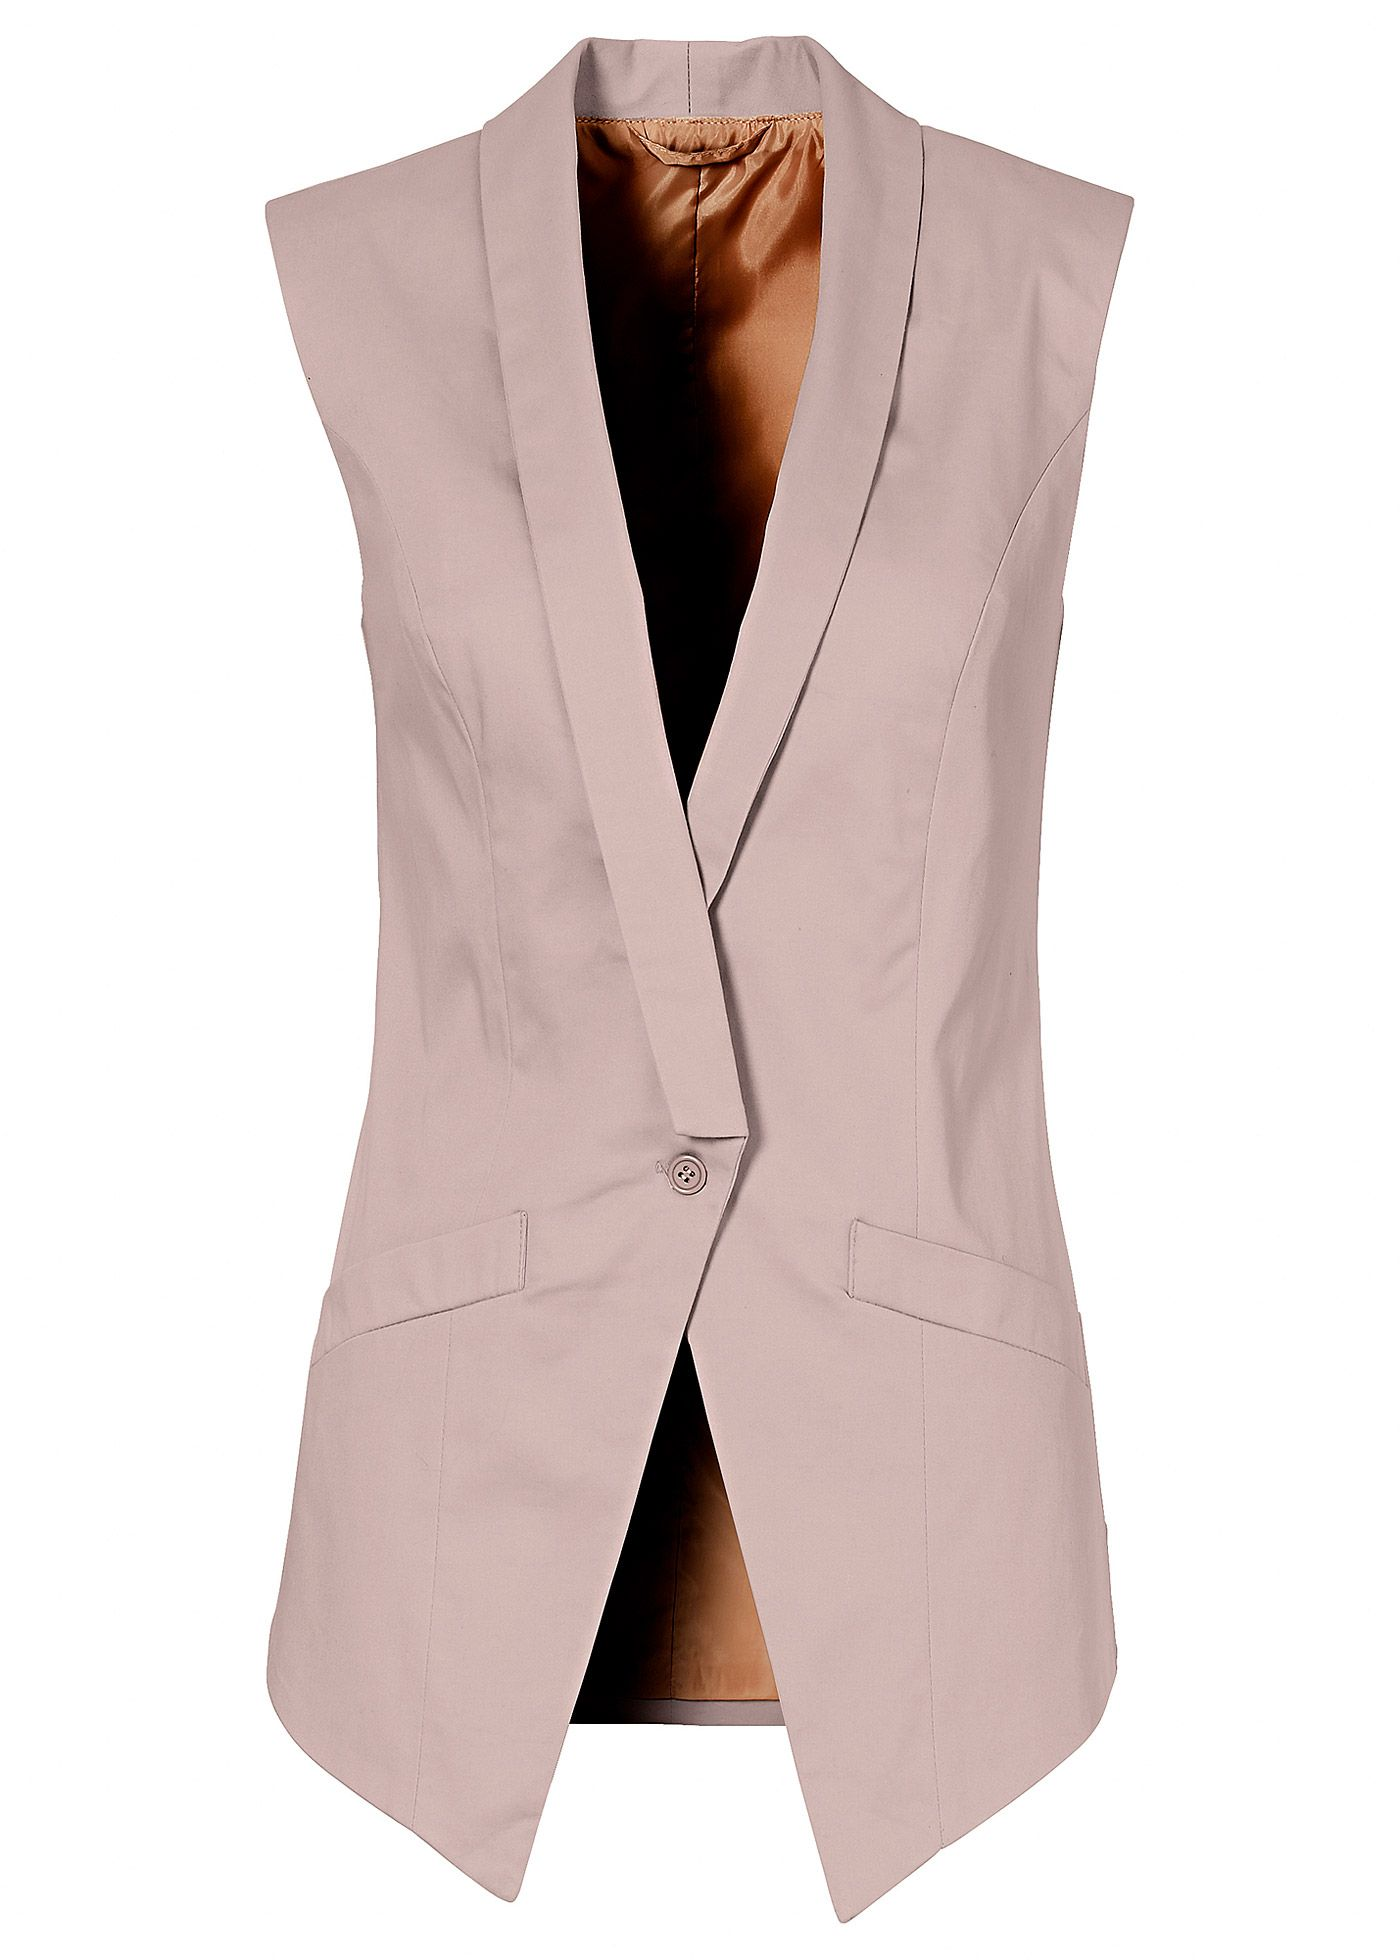 27d695ede0 maxi Colete nude - Moda Feminina trabalho e formal. linda alfaiataria para  look escritório